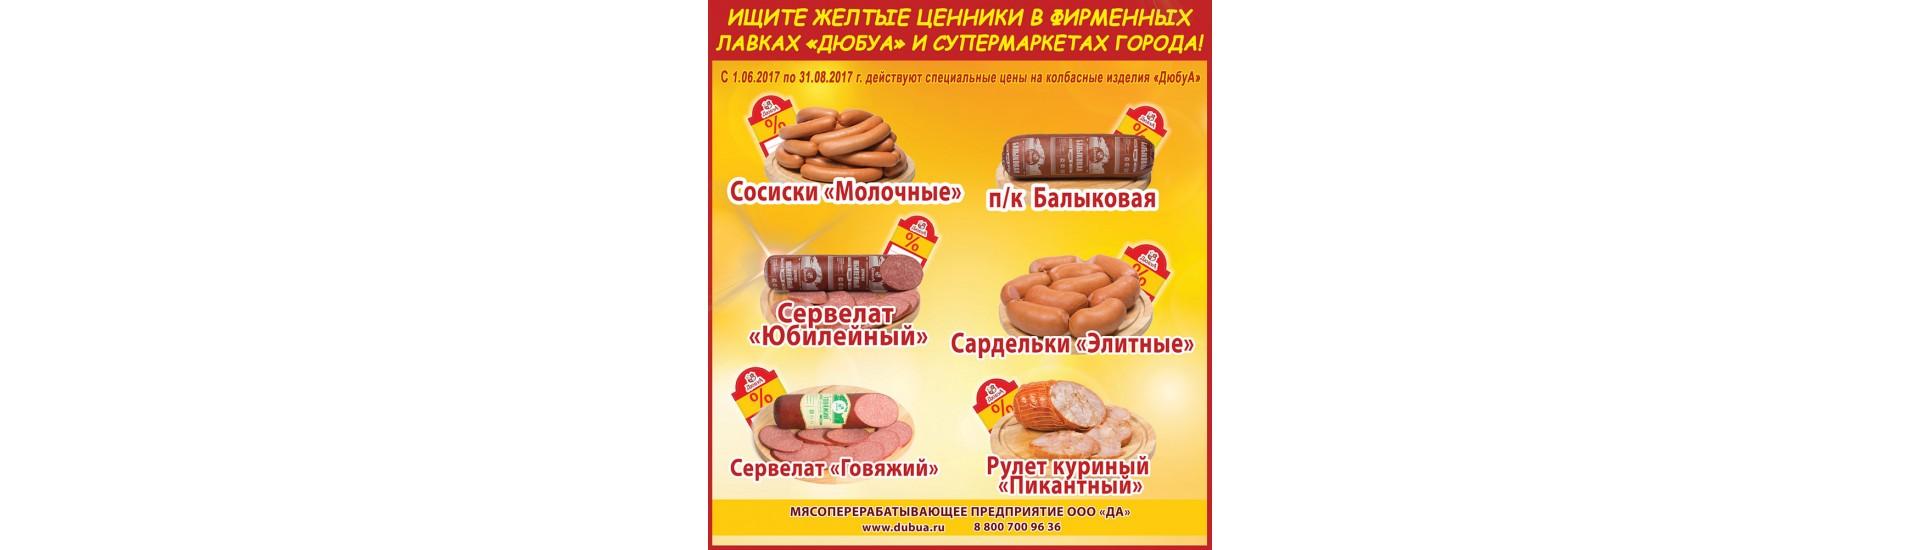 """Акция """"Желтые ценники"""" в магазинах города!"""